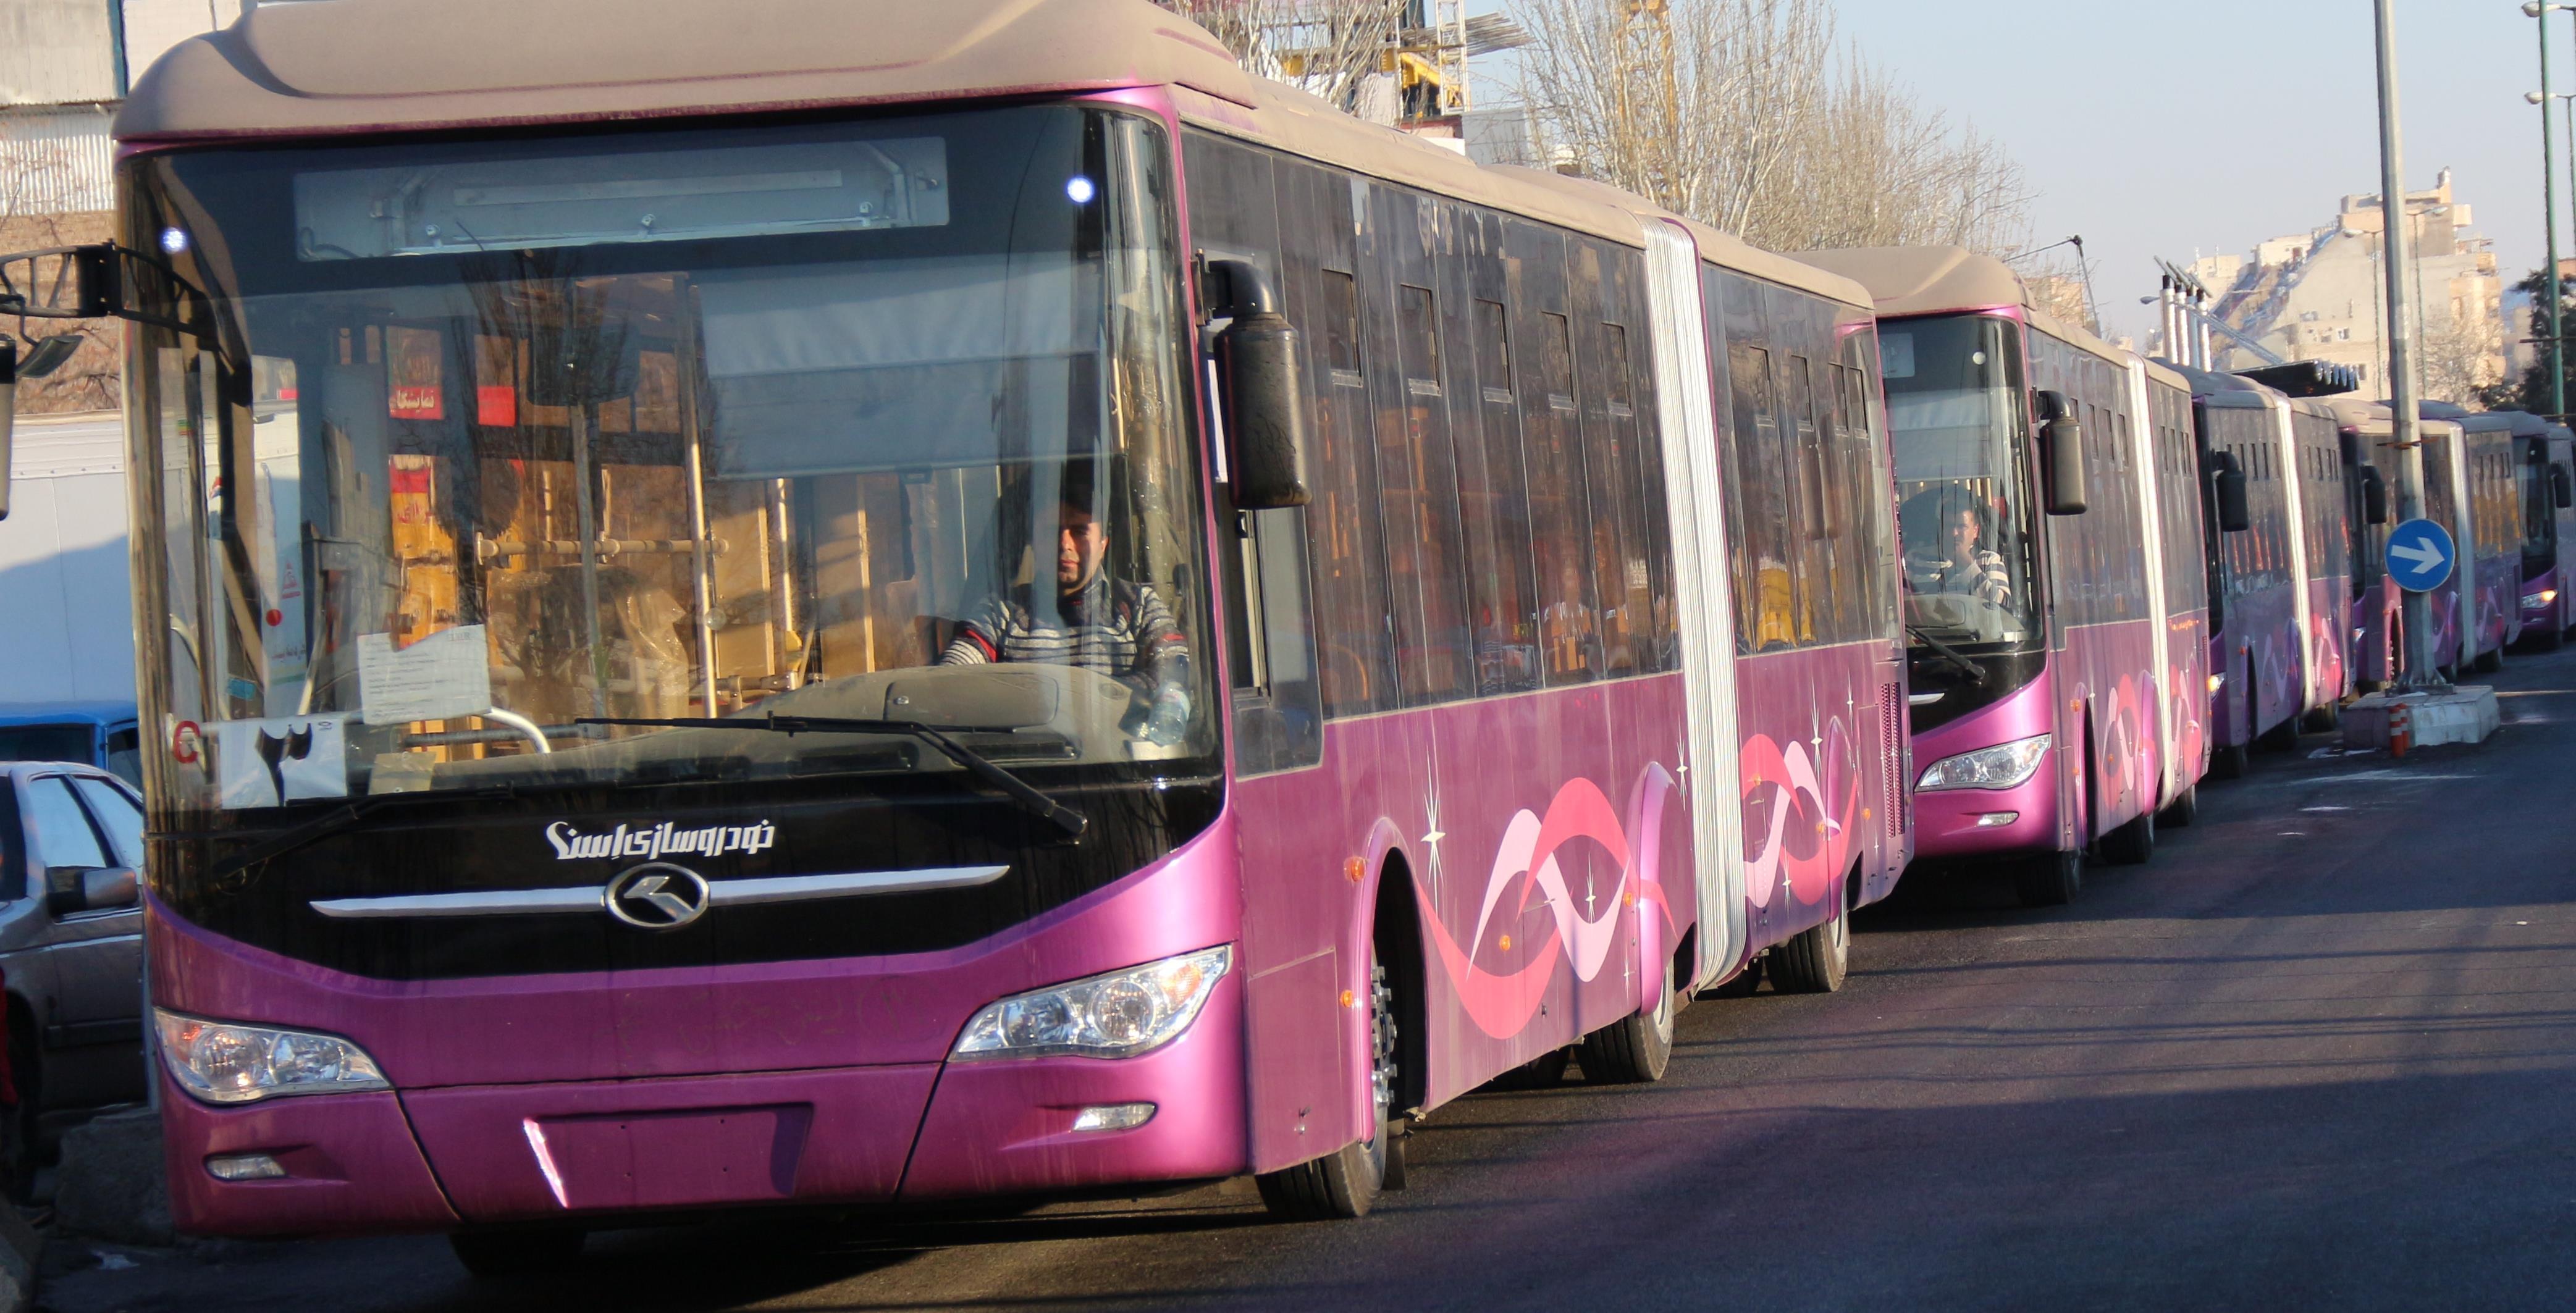 مروری بر اقدامات انجام شده از سوی بسیج دانشگاه صنعتی سهند در خصوص وضعیت کارگران شرکت واحد اتوبوسرانی تبریز